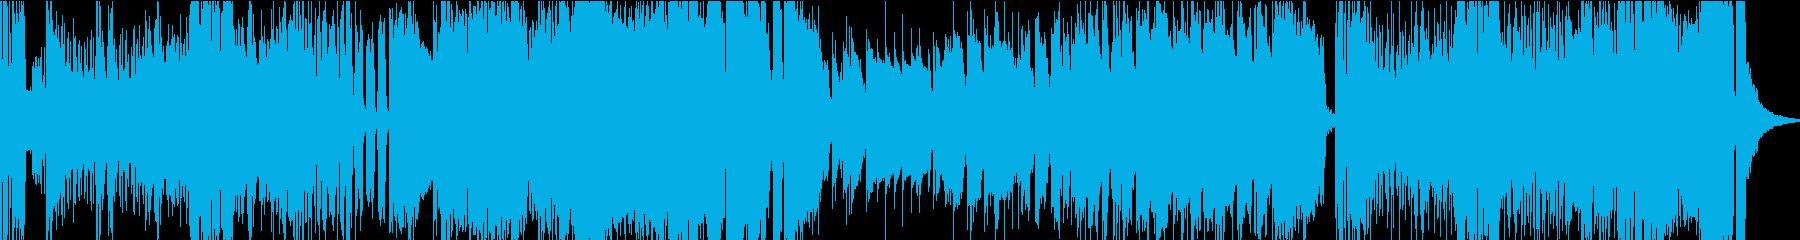 ドタバタでコミカルな行進曲の再生済みの波形